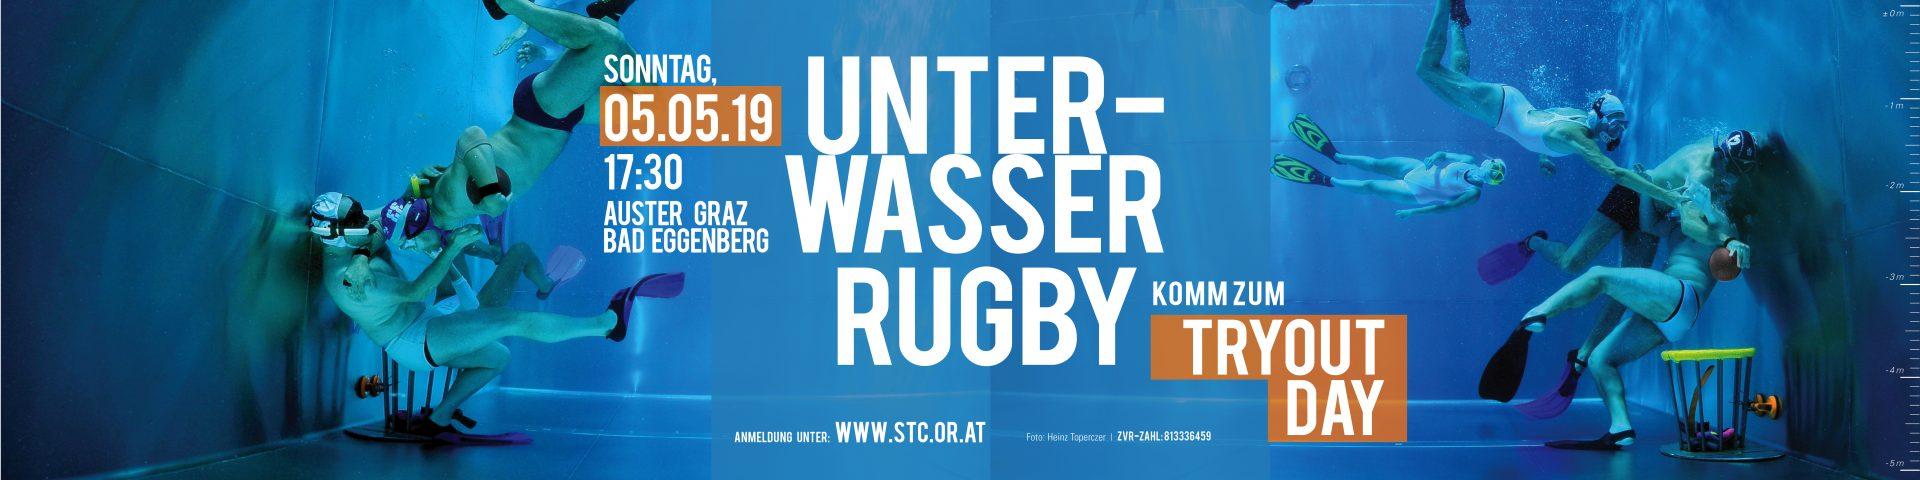 Tryout Day Unterwasser Rugby Gratis Ausprobieren Stc